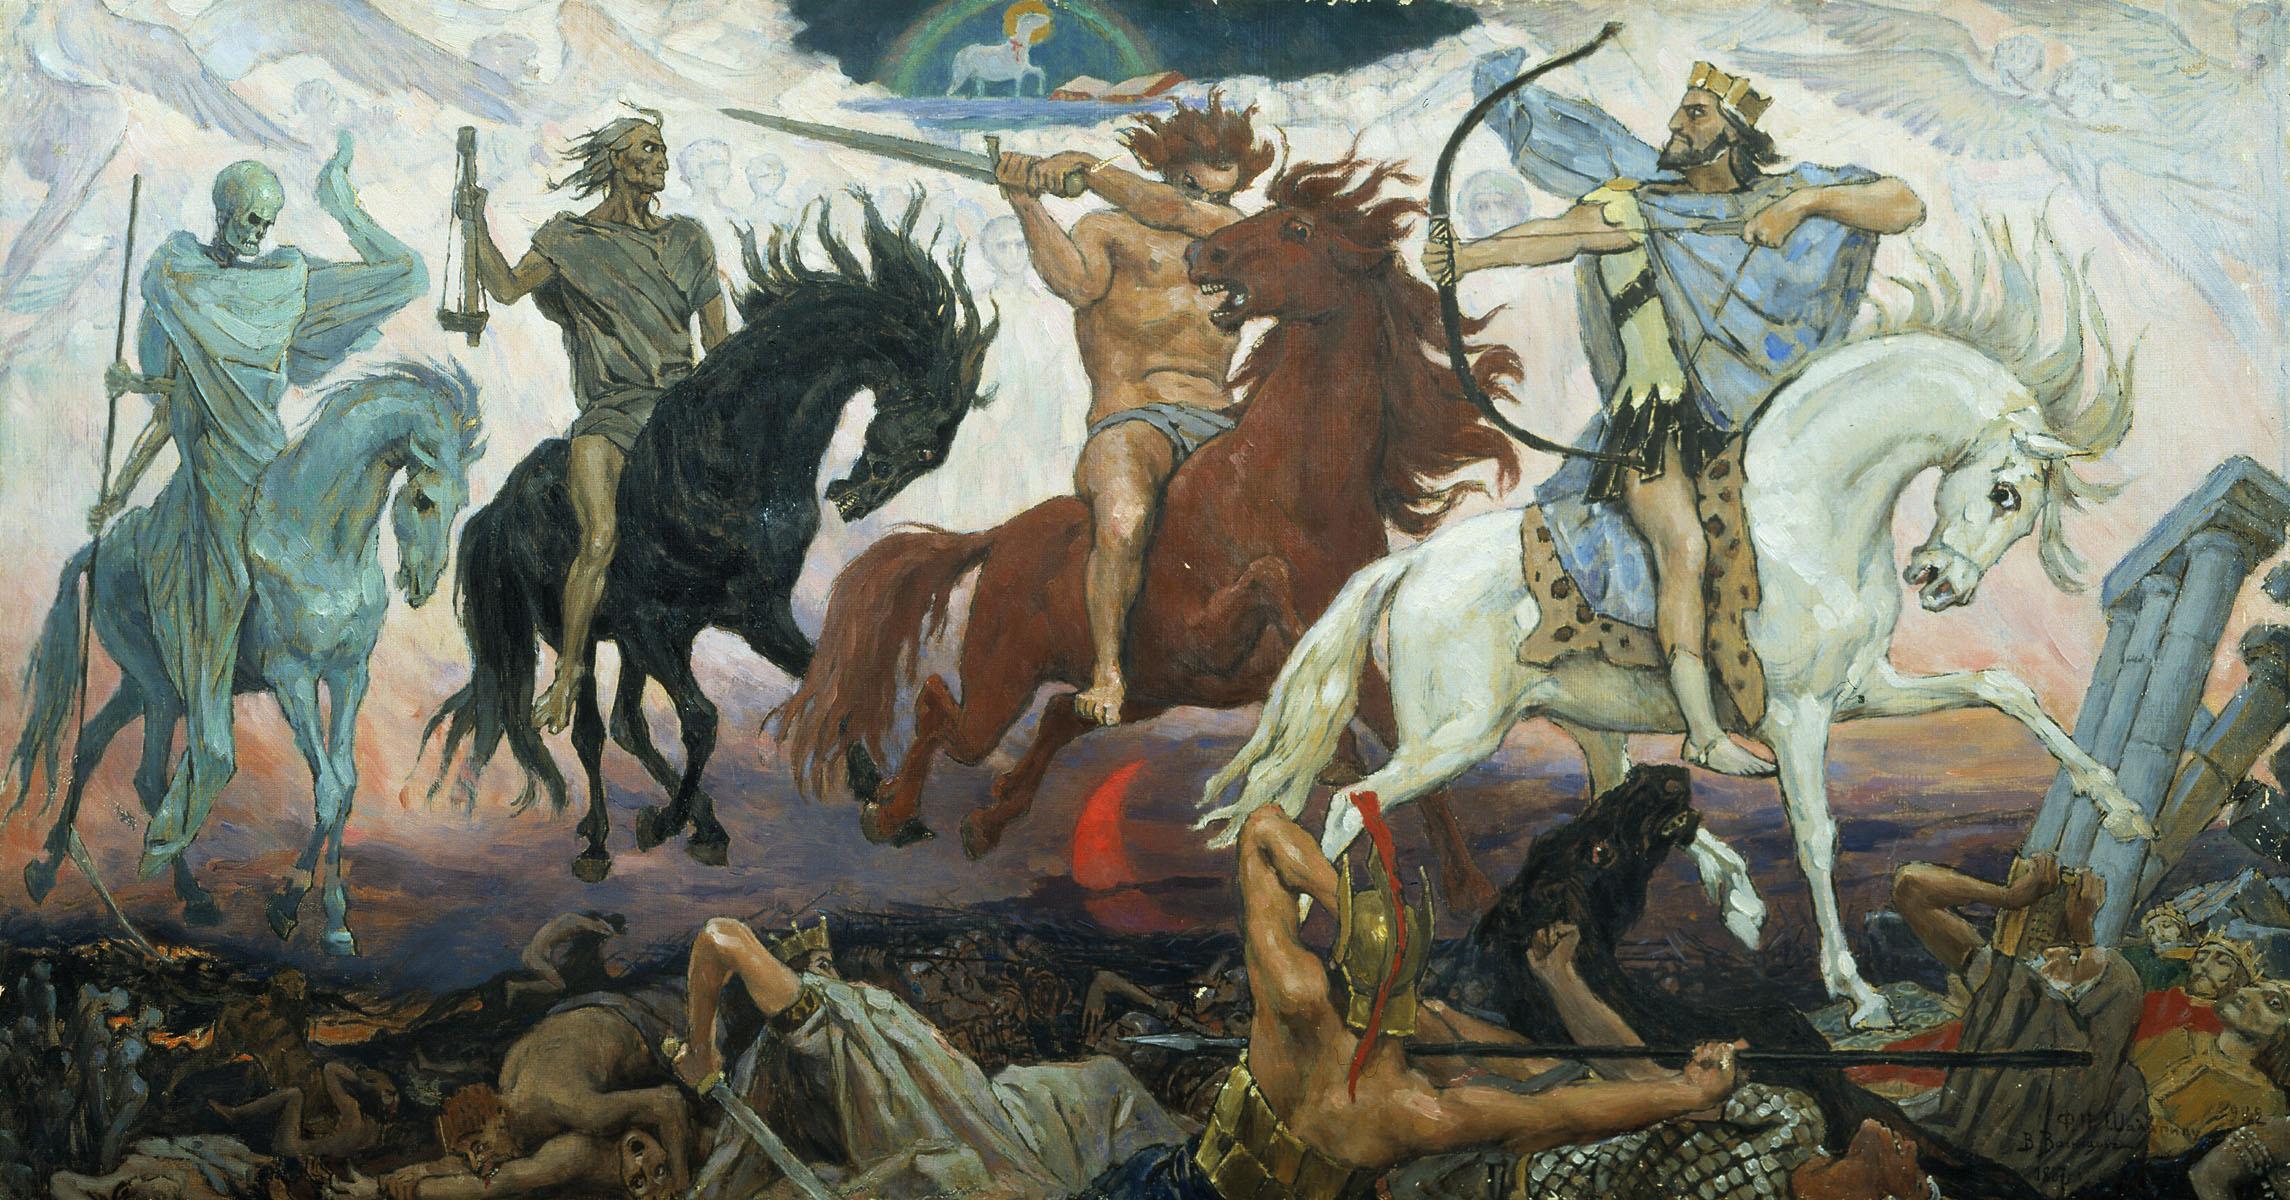 Die 4 apokalyptischen Reiter